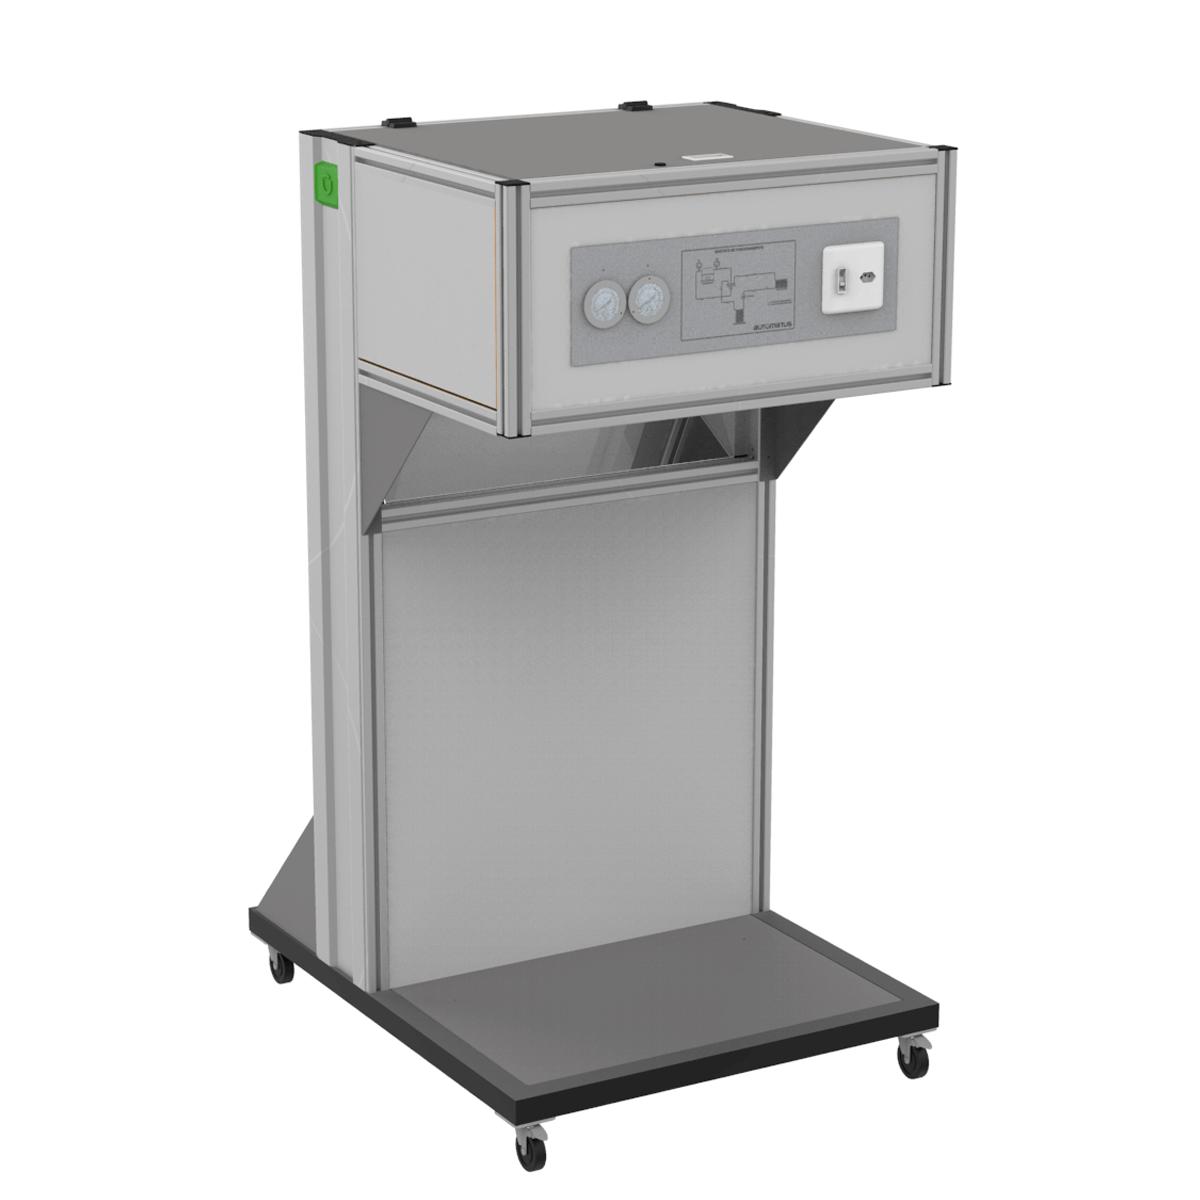 lab-de-ar-condicionado-bancada-didatica-simulador-de-defeitos-condicionador-de-ar-split-k7_1-auttom-1